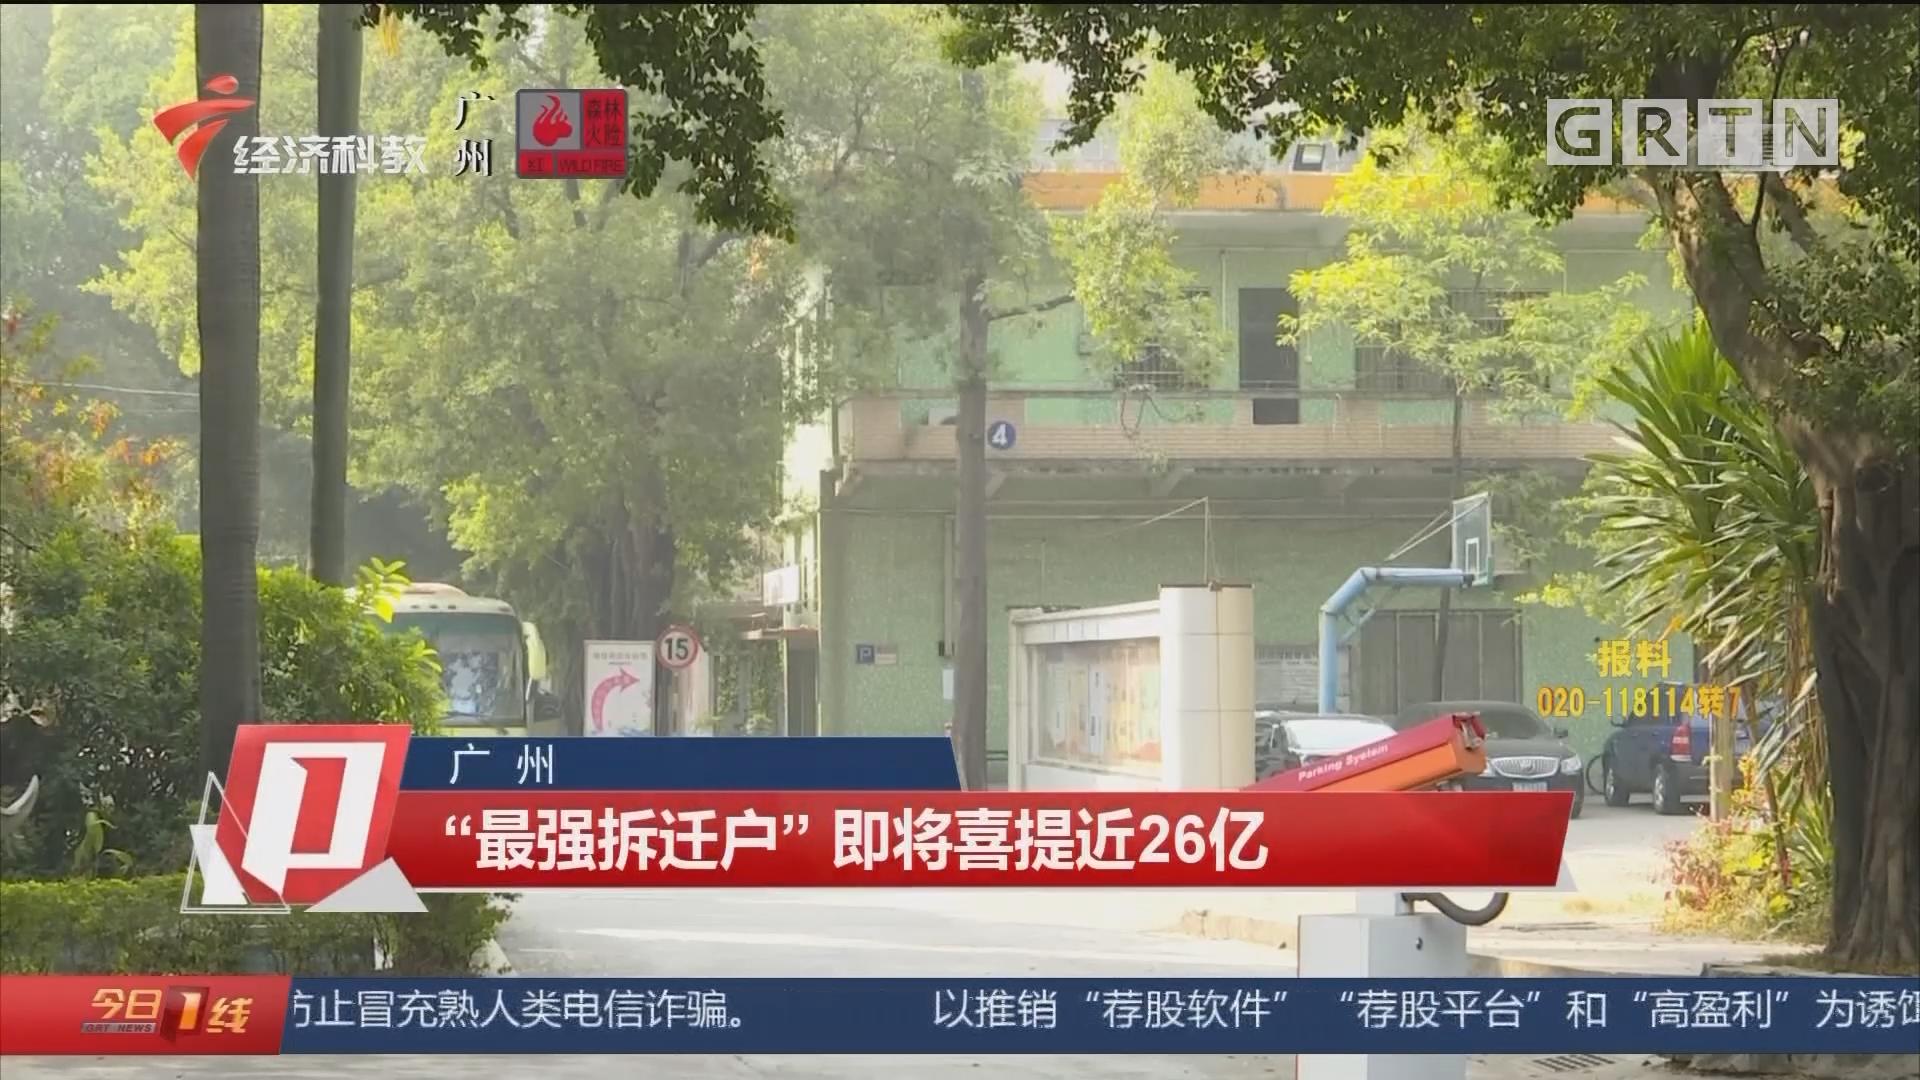 """广州 """"最强拆迁户""""即将喜提近26亿"""